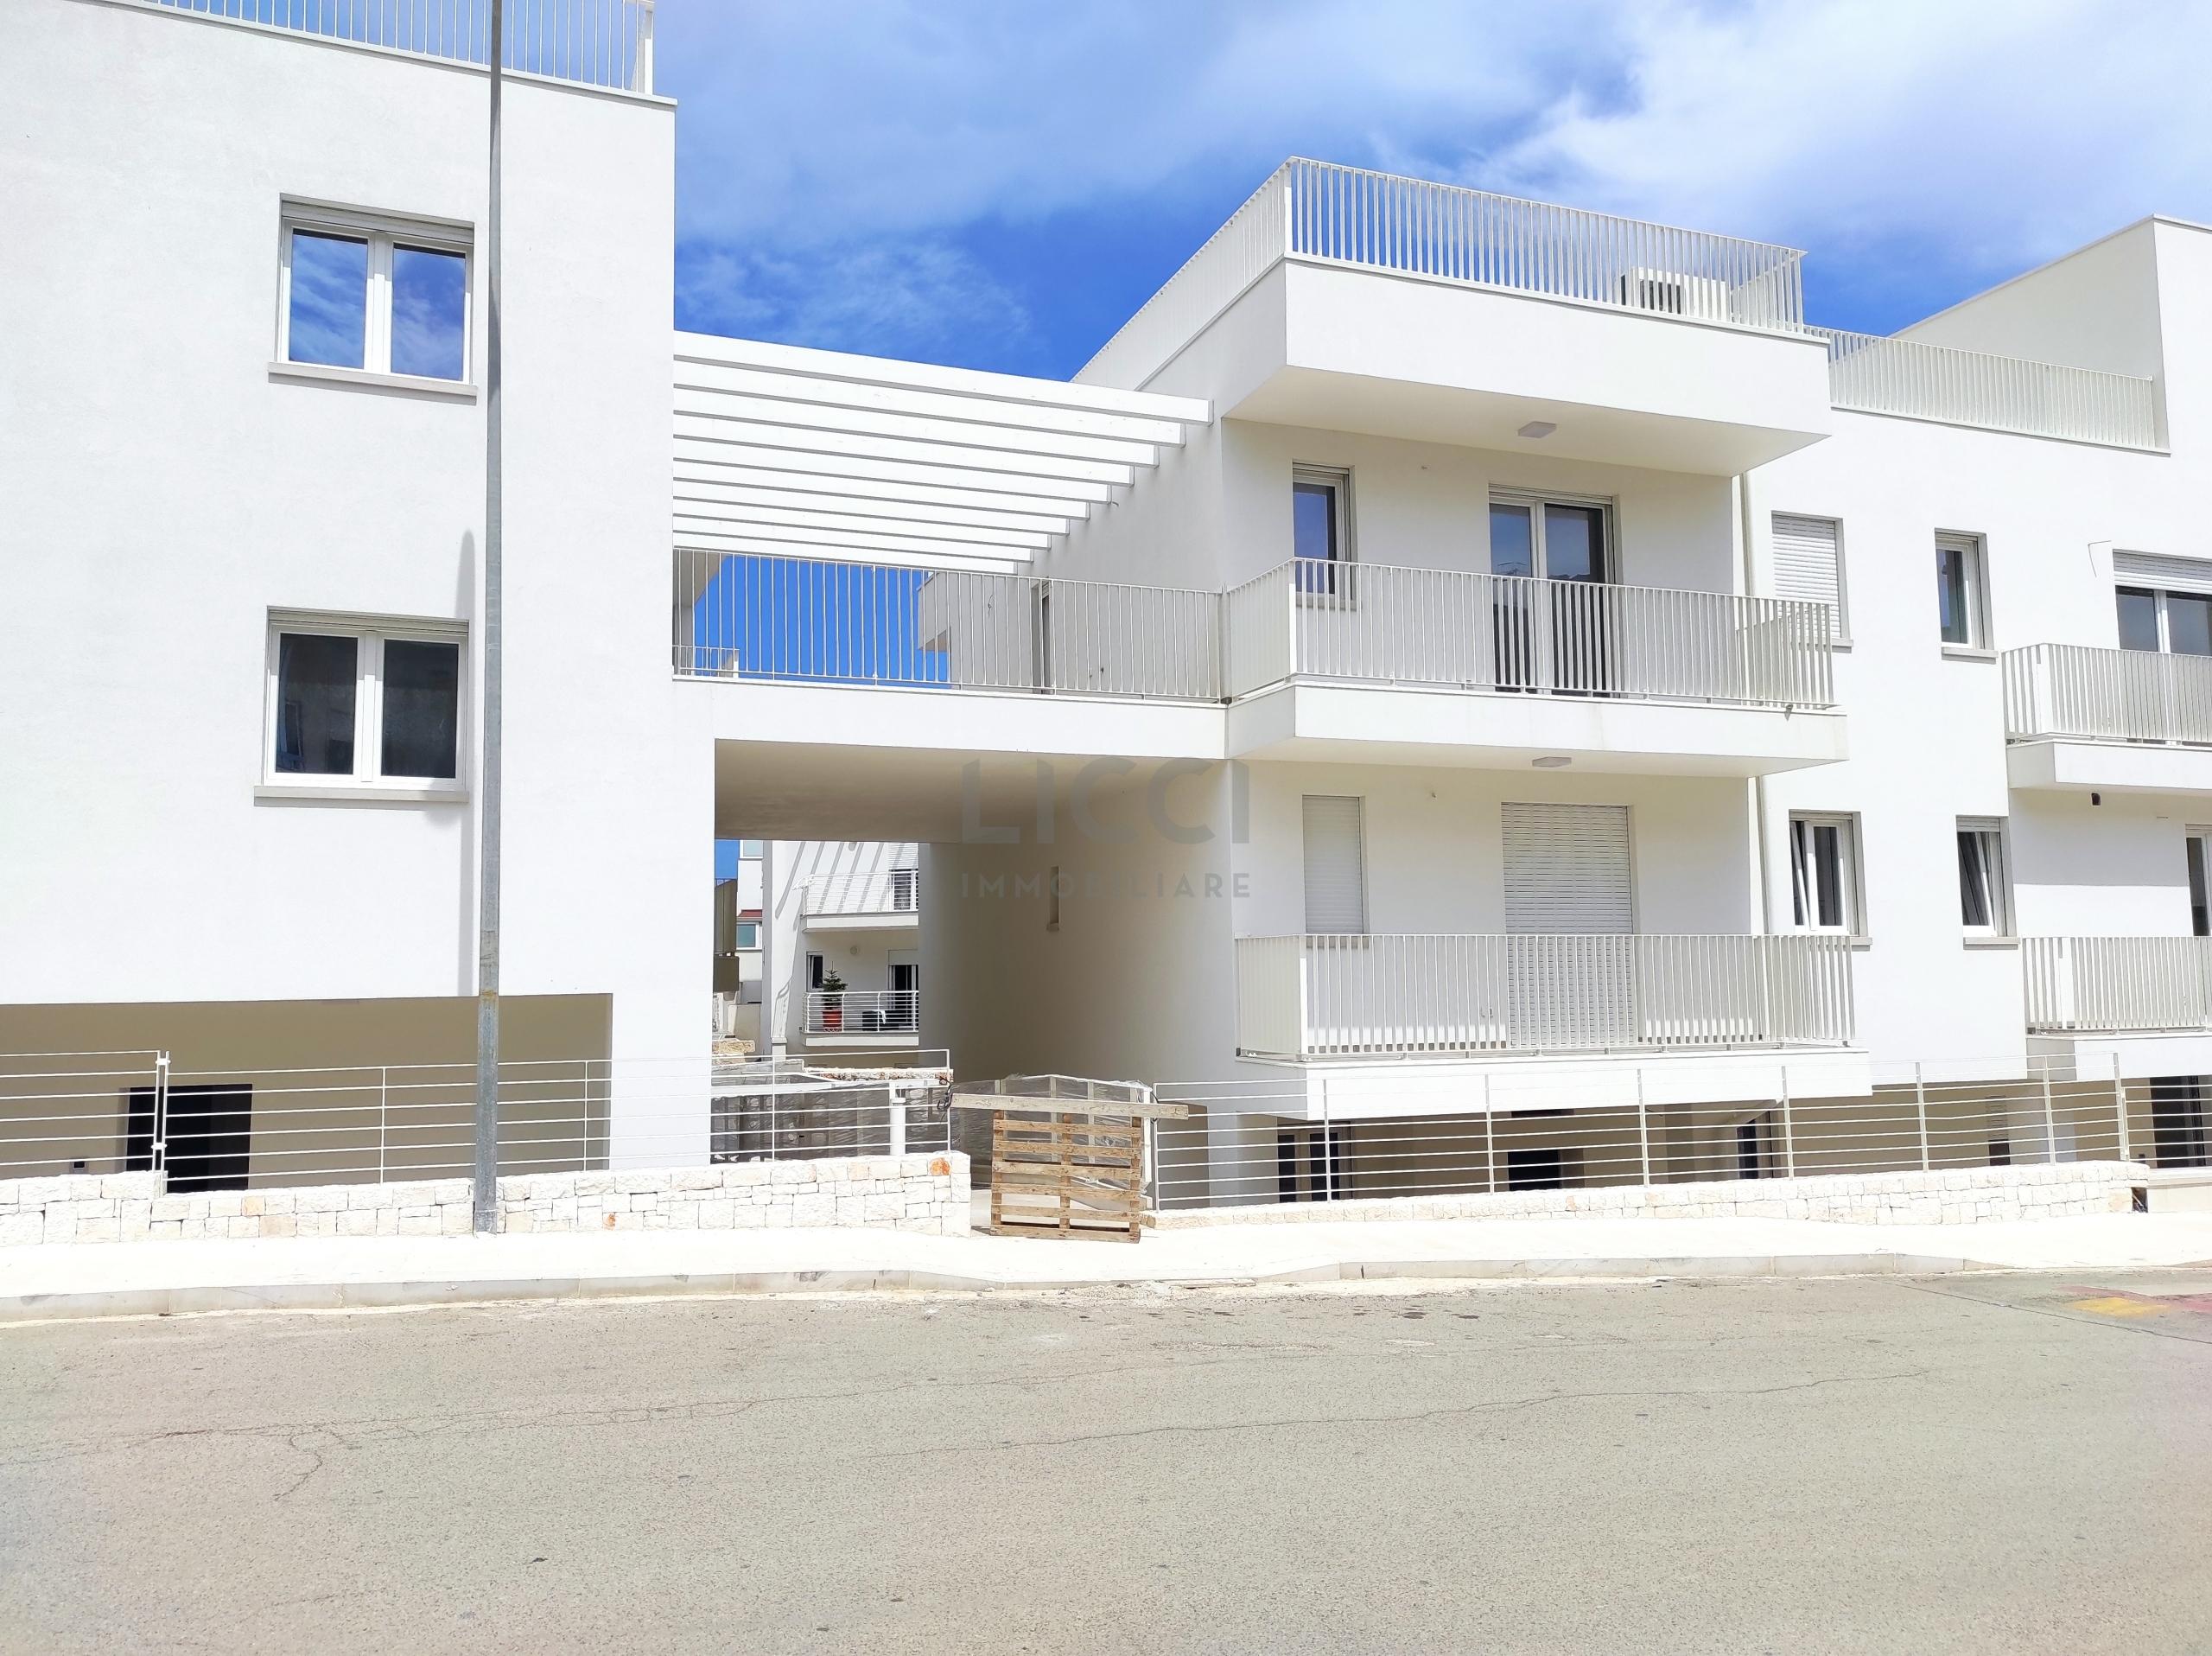 Appartamento a Polignano a Mare Via Martiri della resistenza nc, Vicinanze Mare